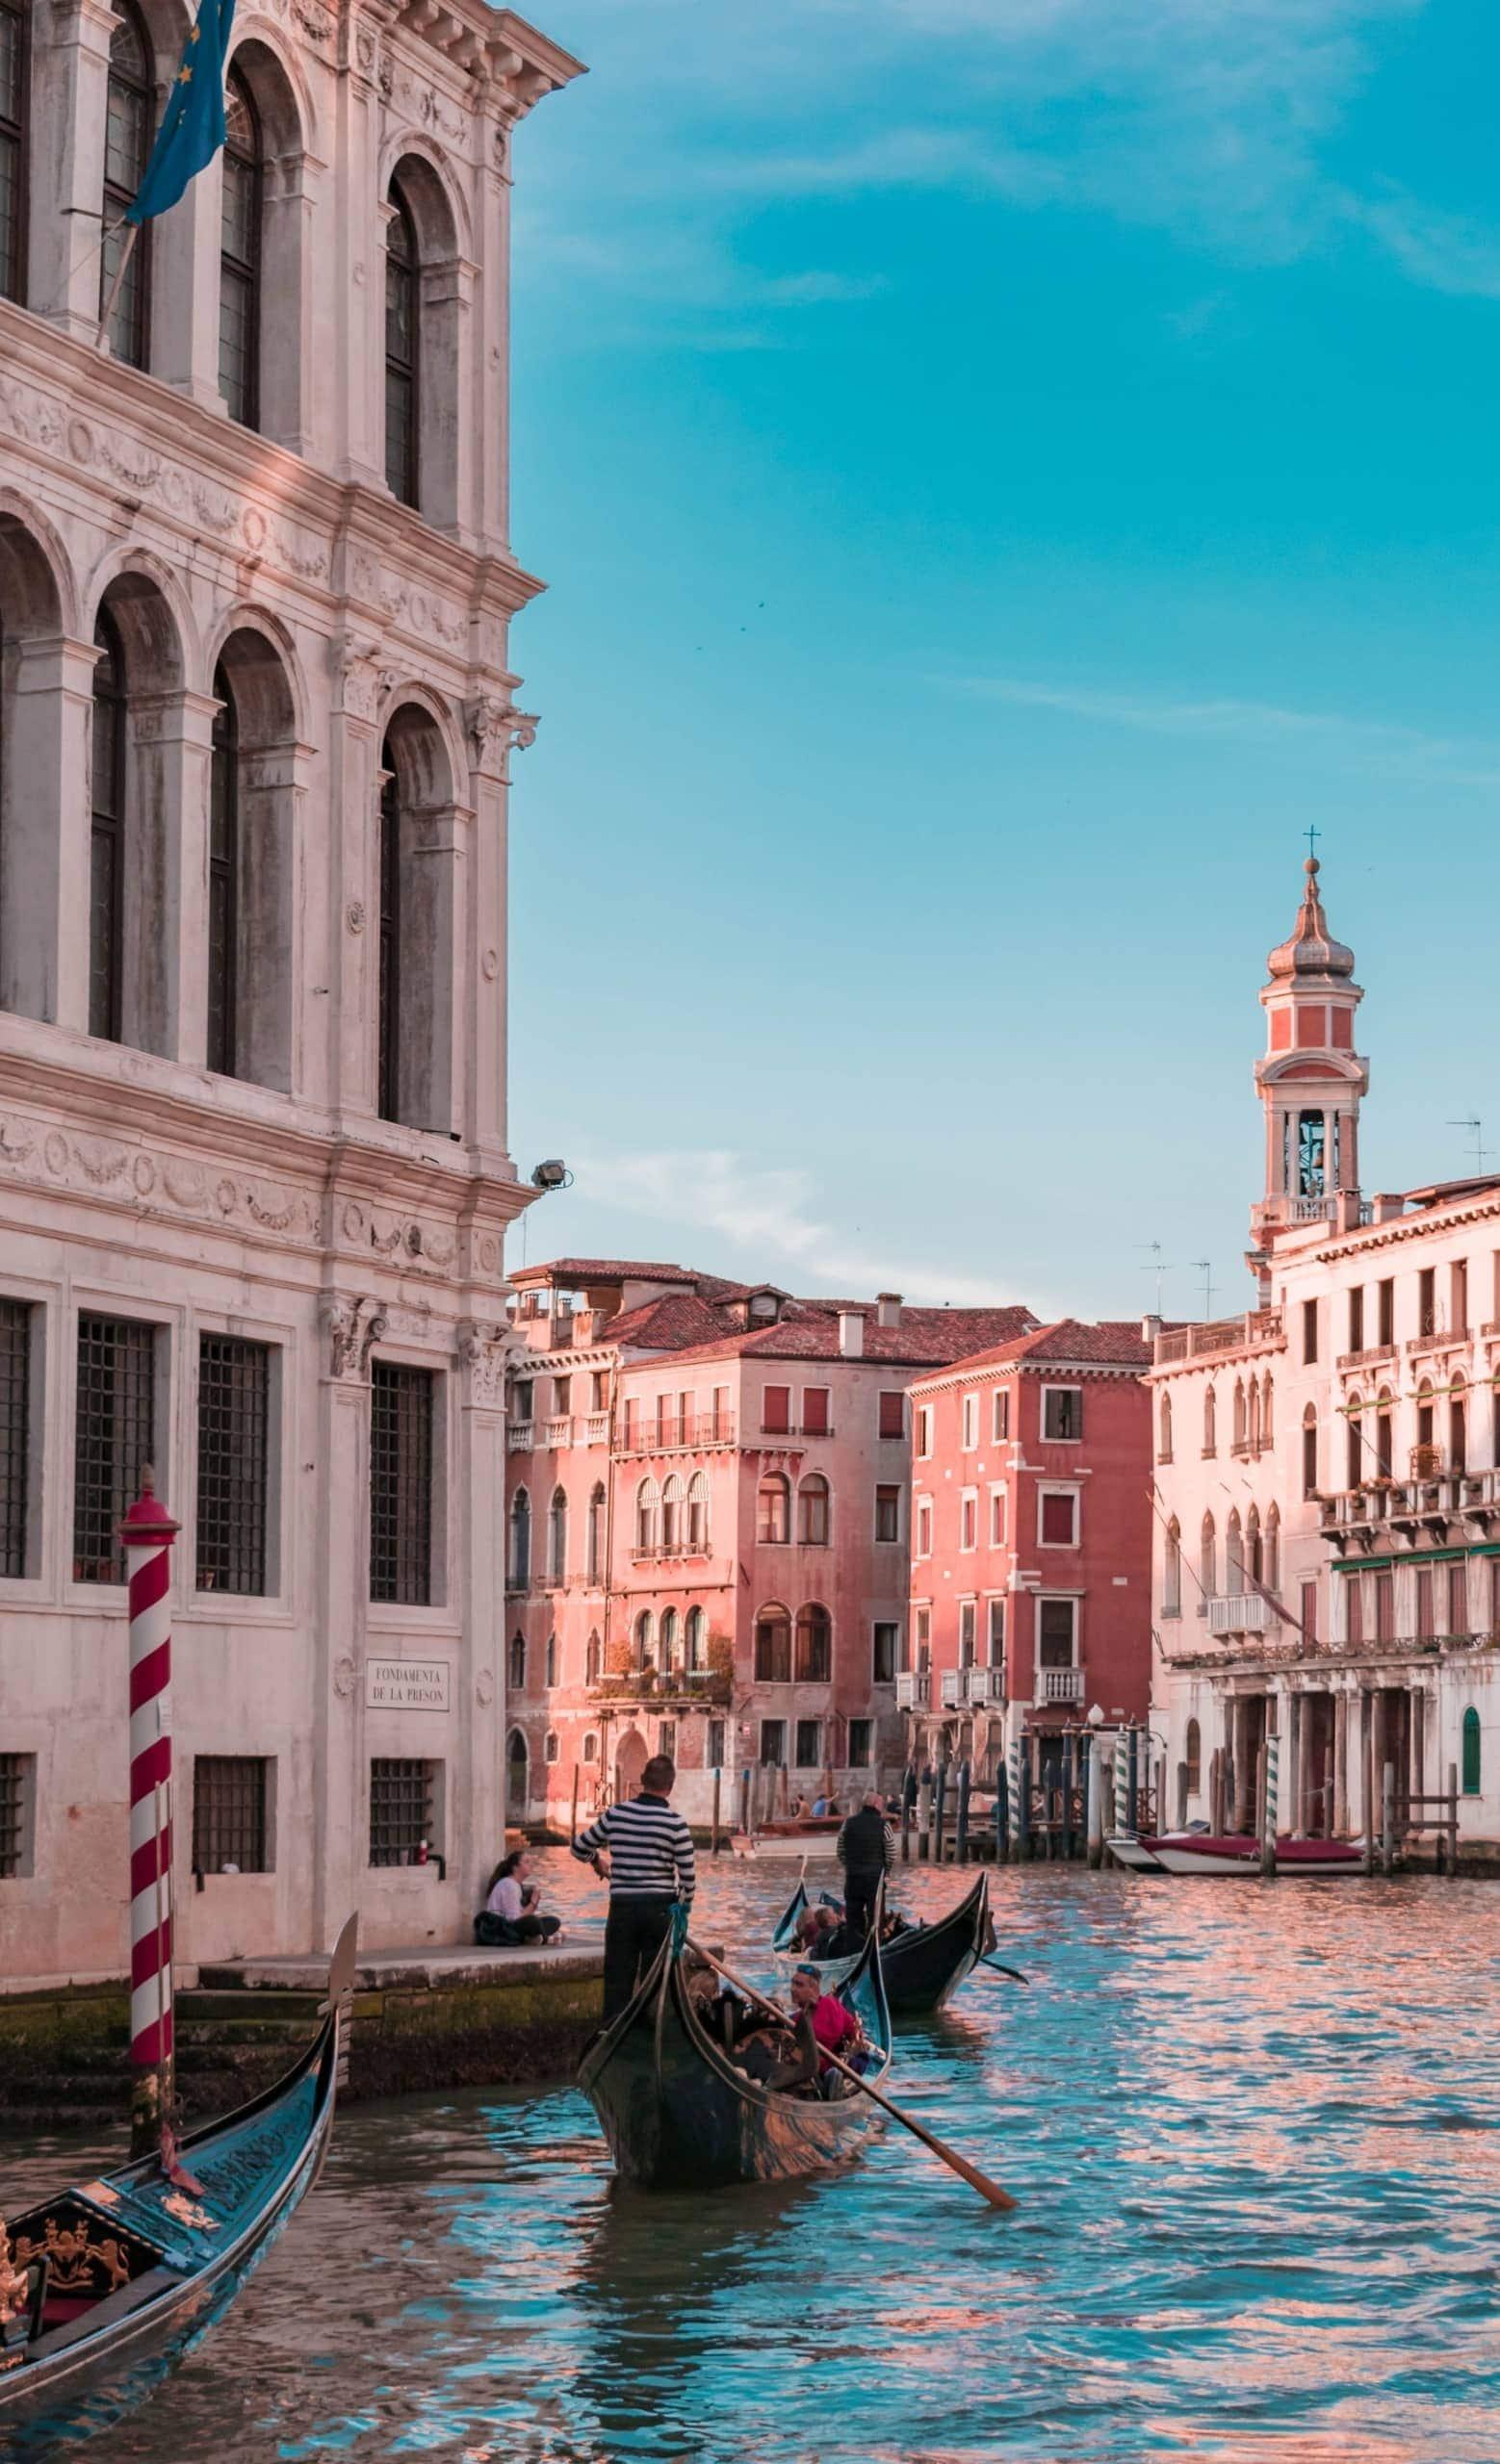 Gondelfahrt durch die Kanäle von Venedig, Italien